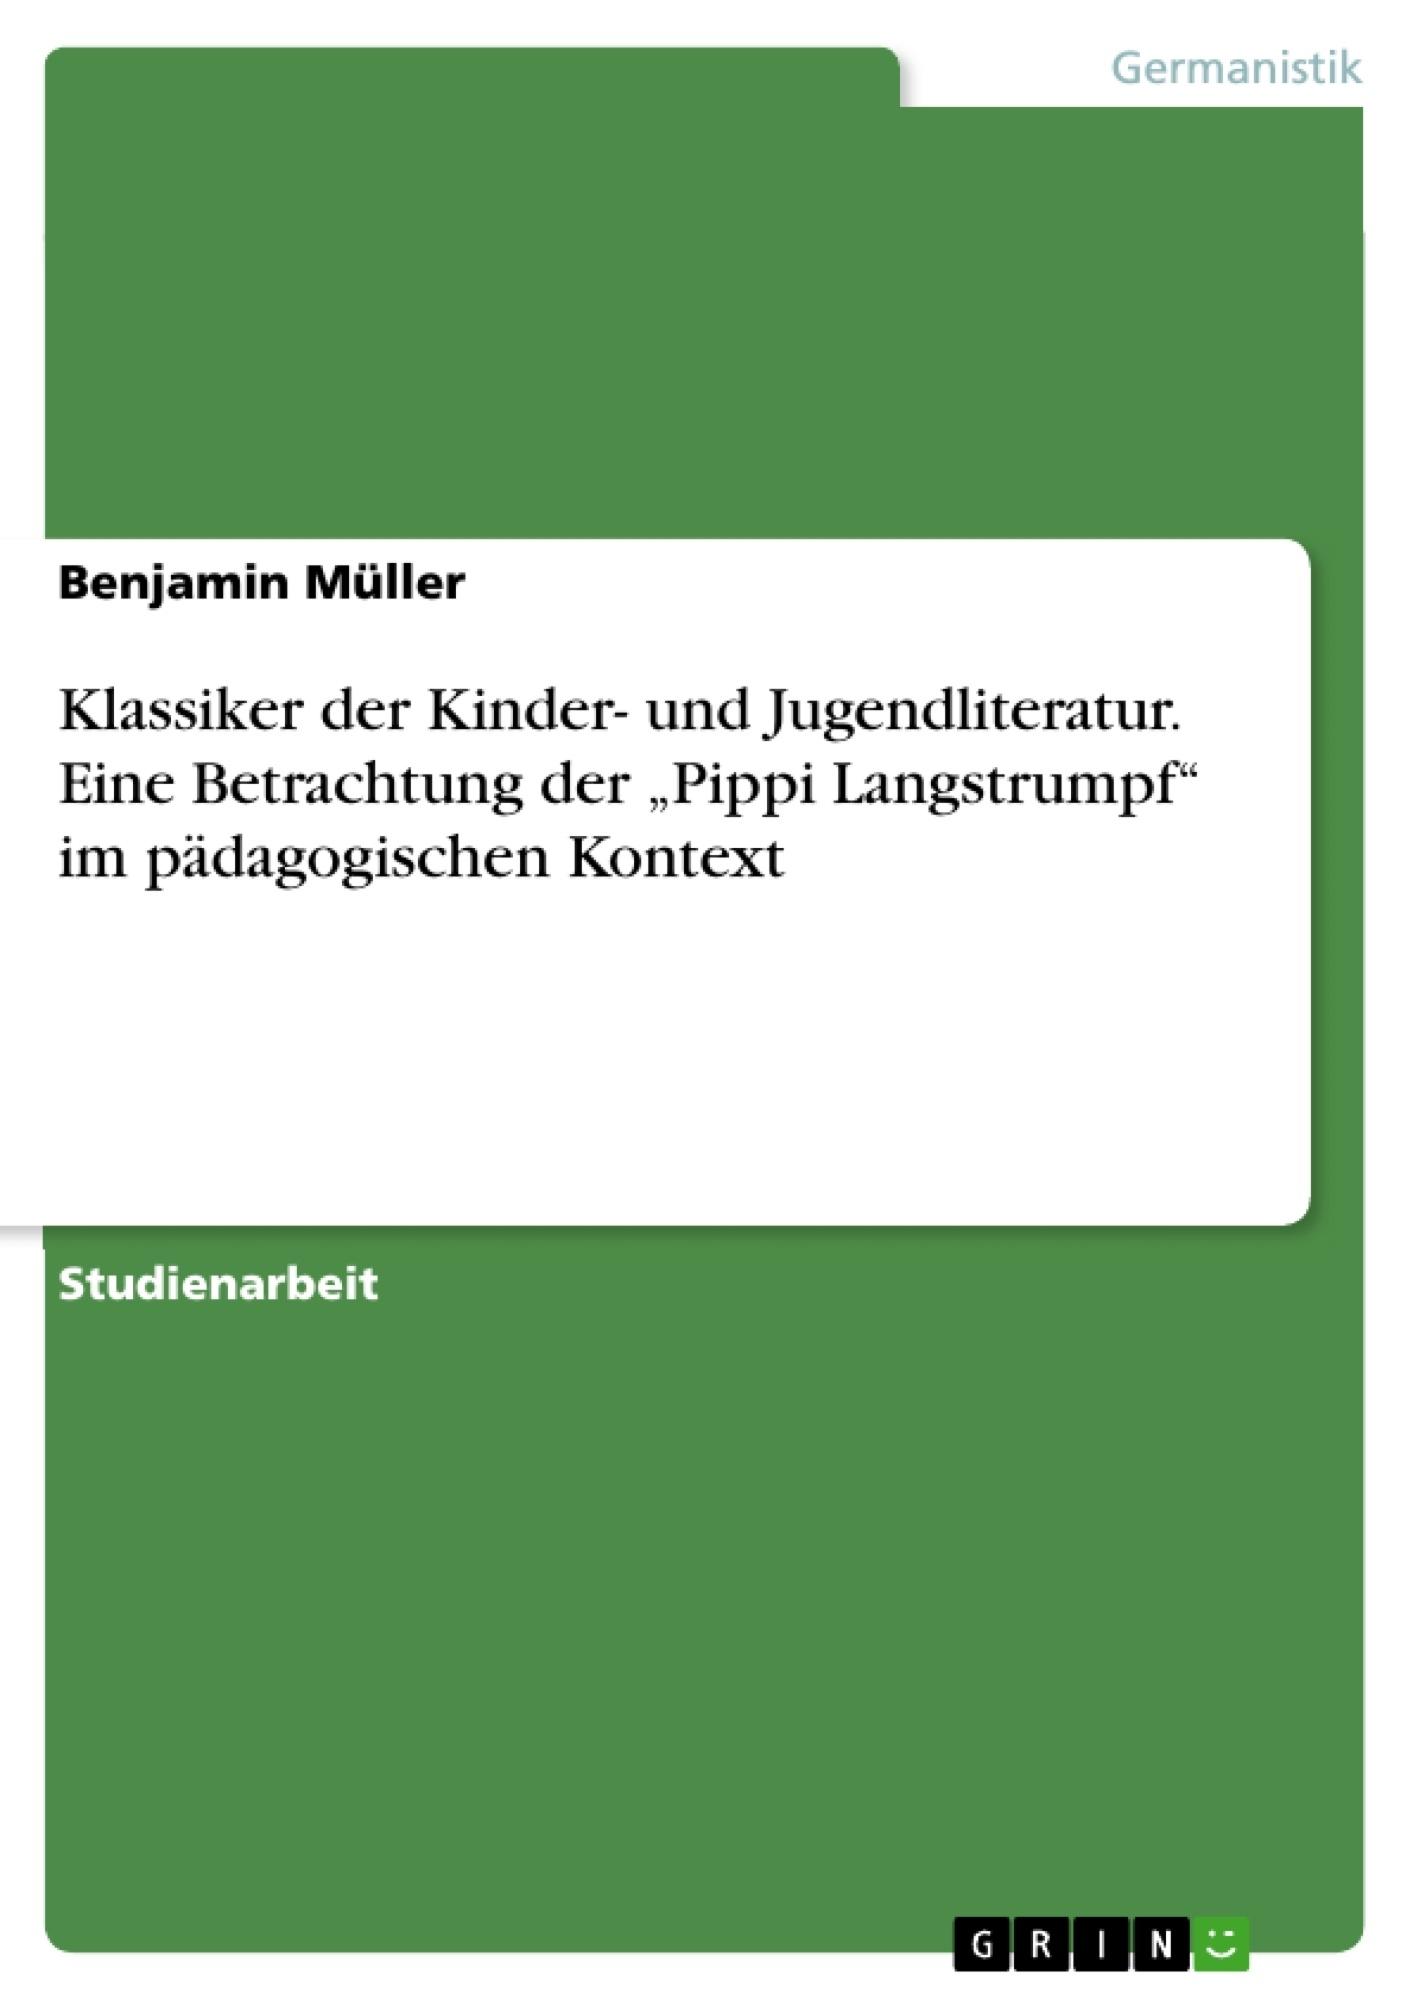 """Titel: Klassiker der Kinder- und Jugendliteratur. Eine Betrachtung der """"Pippi Langstrumpf"""" im pädagogischen Kontext"""